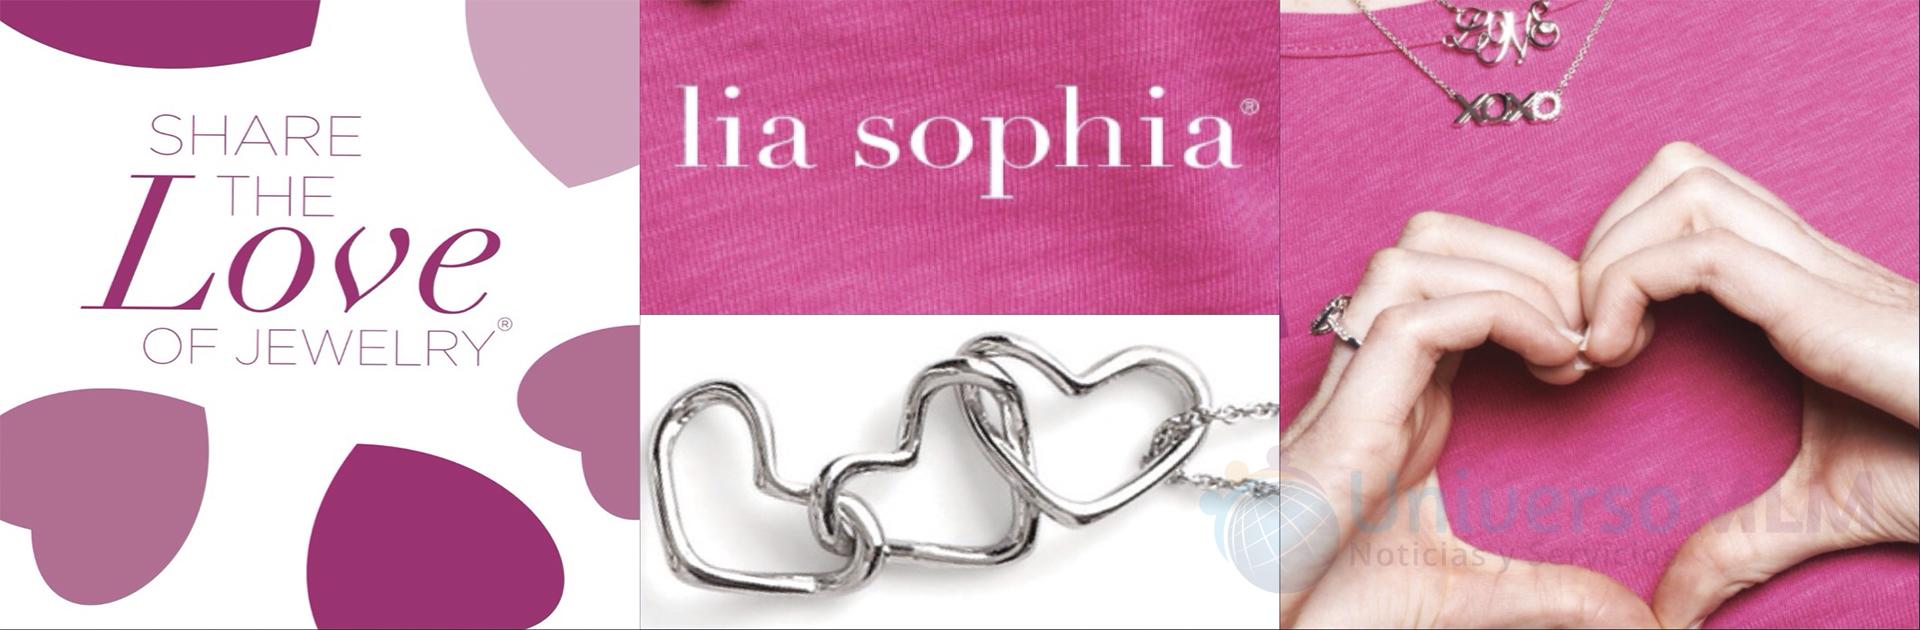 lia-sophia.jpg